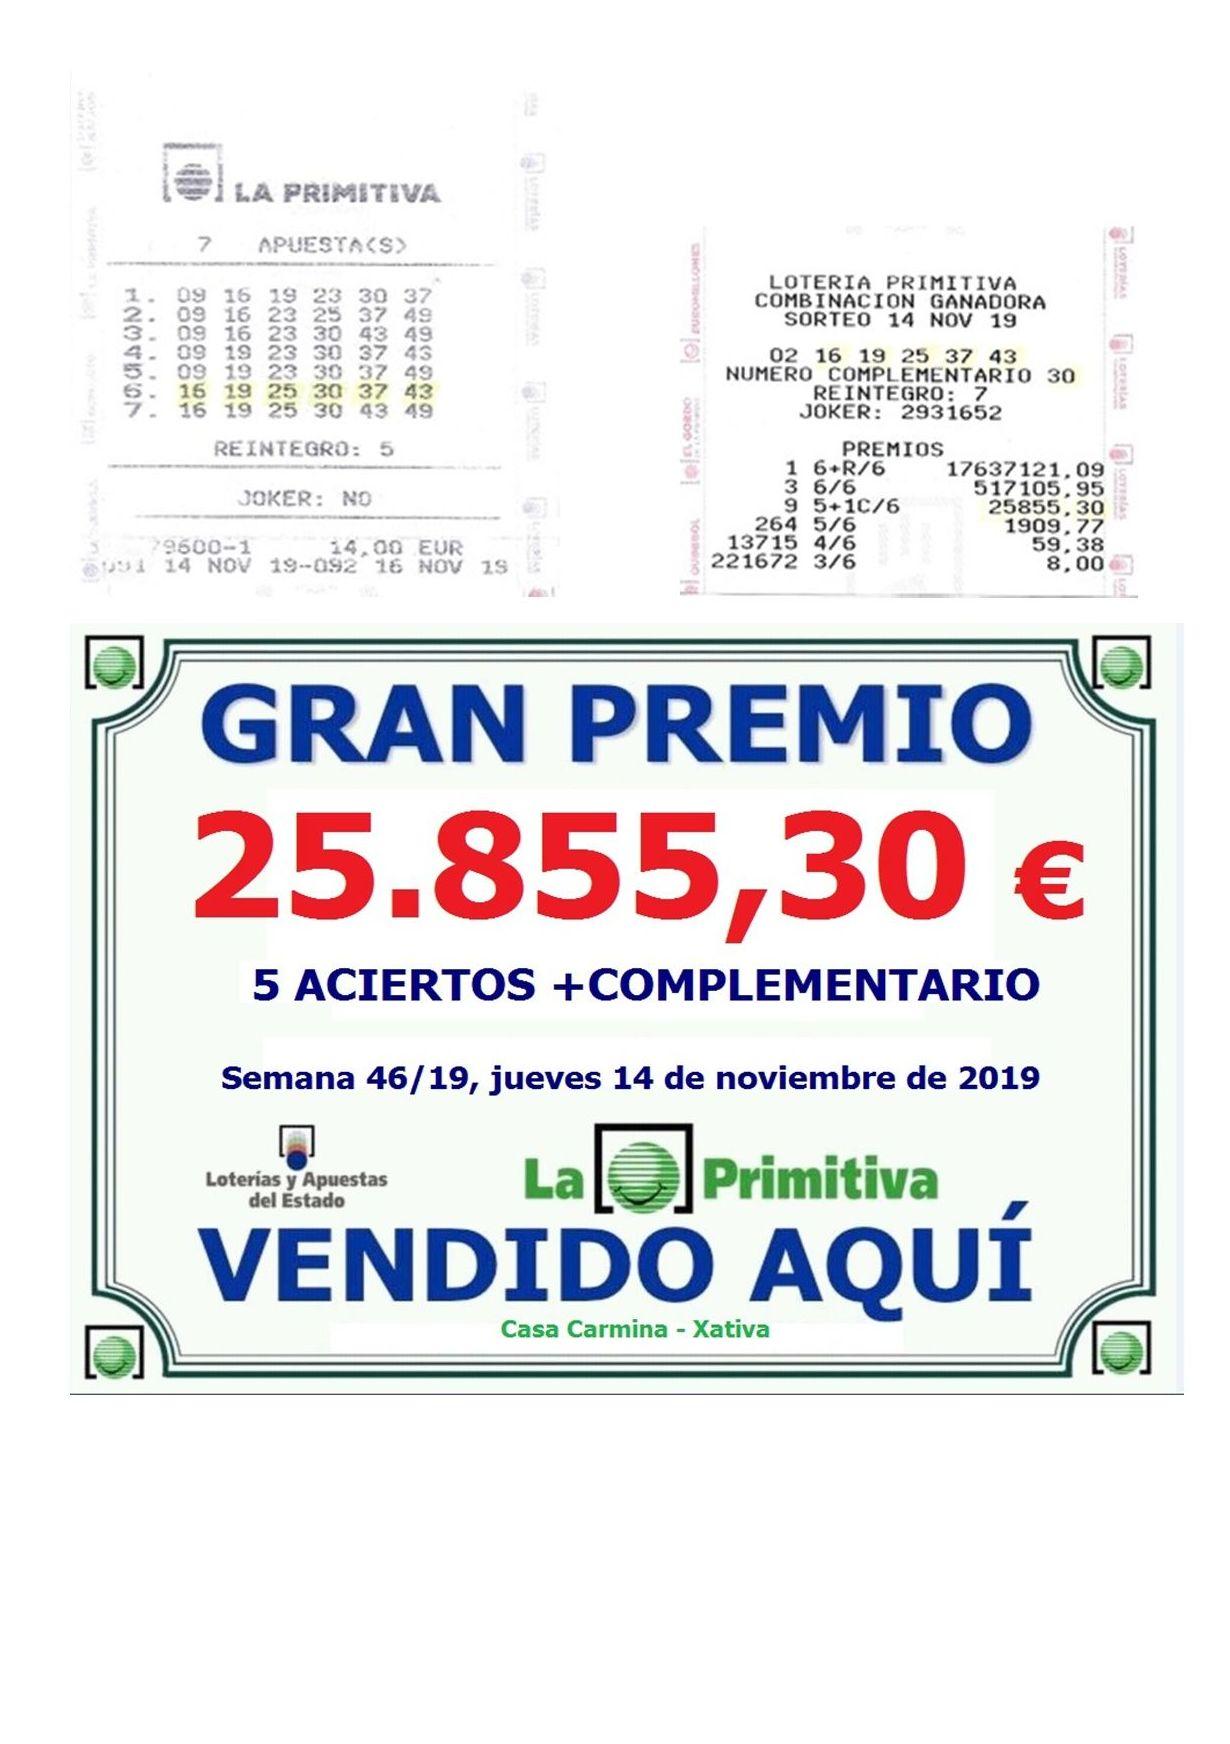 Premio en la primitiva del jueves 14 de noviembre de 5 Aciertos + complementario de 25.855,30€